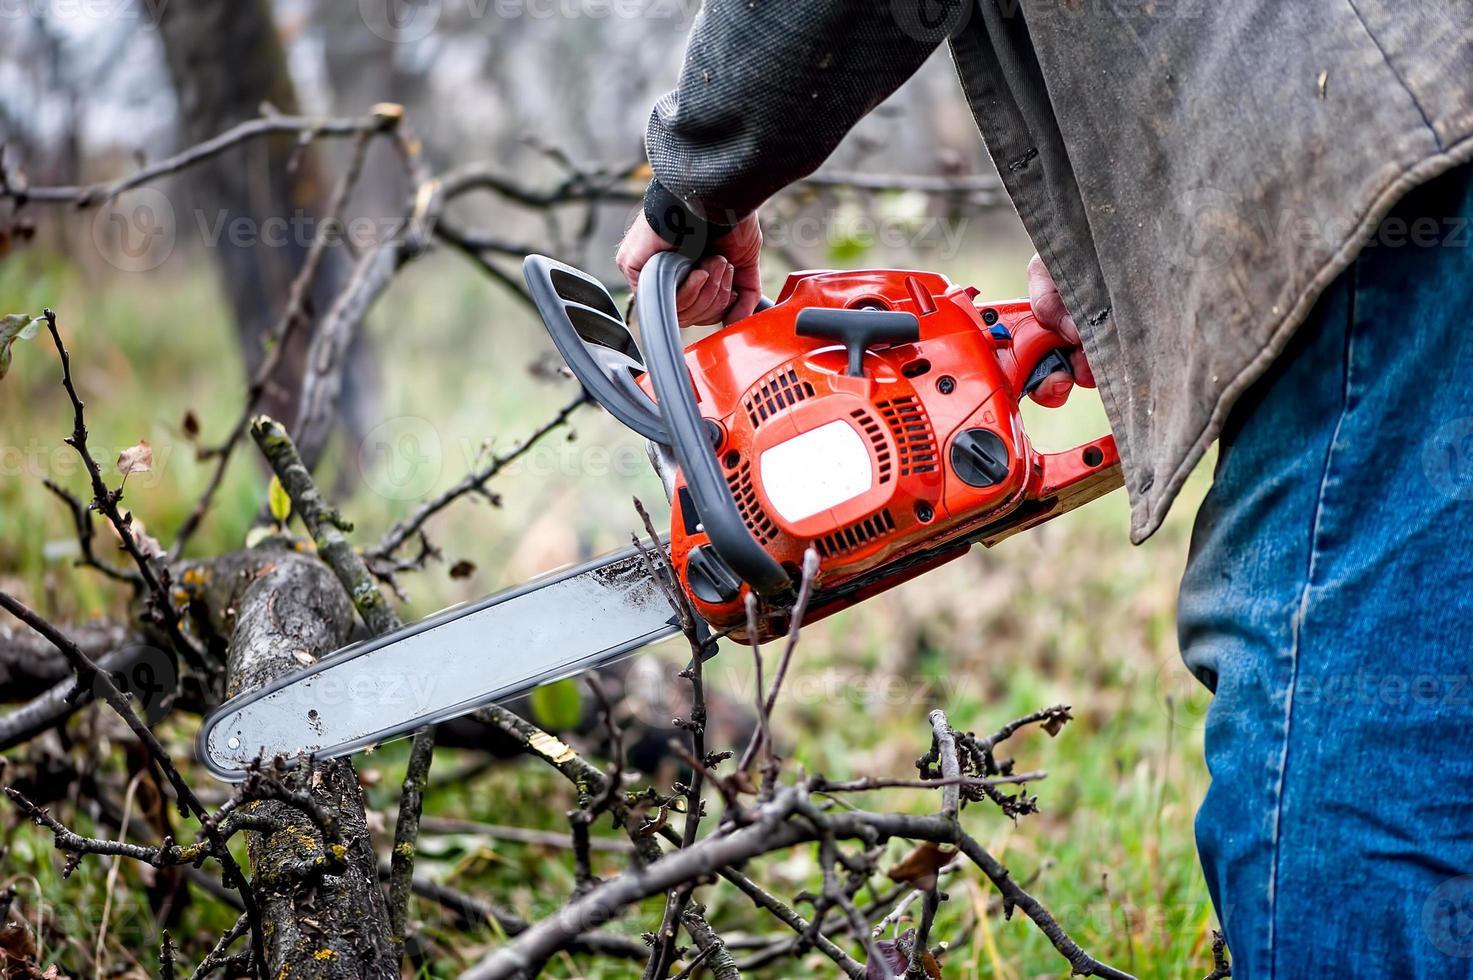 boscaiolo lavoratore, un uomo che taglia legna da ardere nella foresta foto